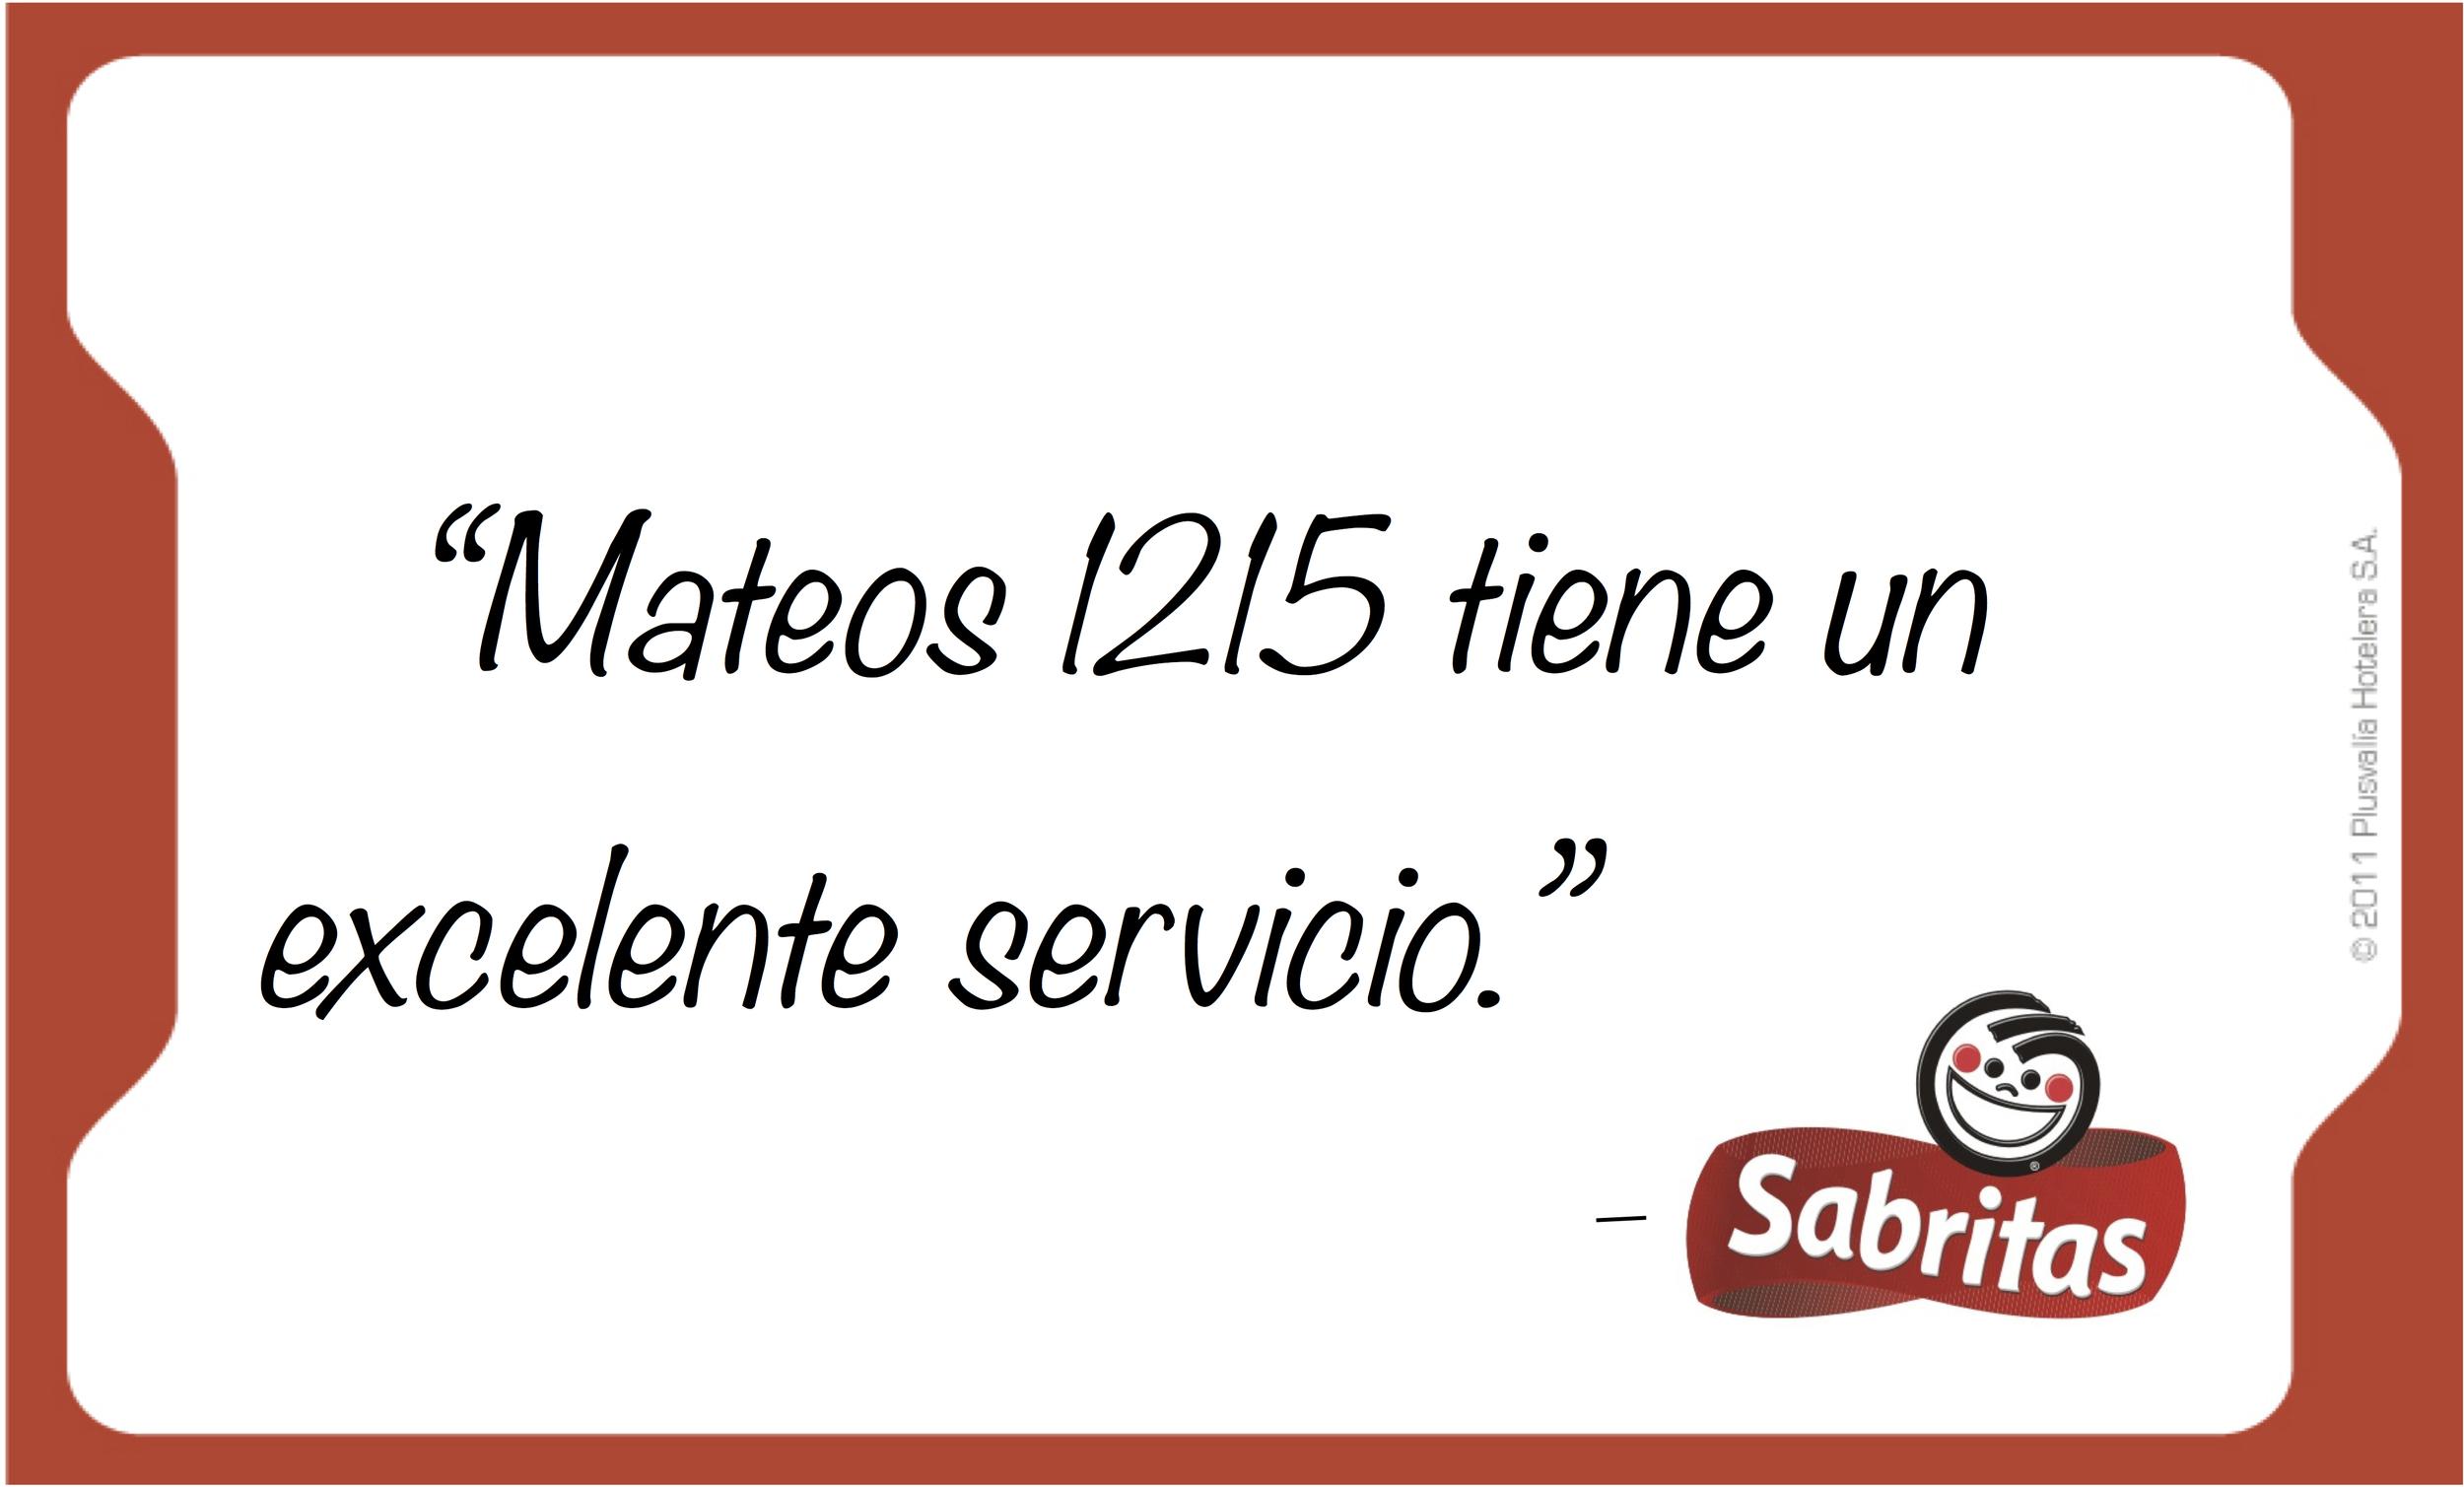 Cita Sabritas.jpg